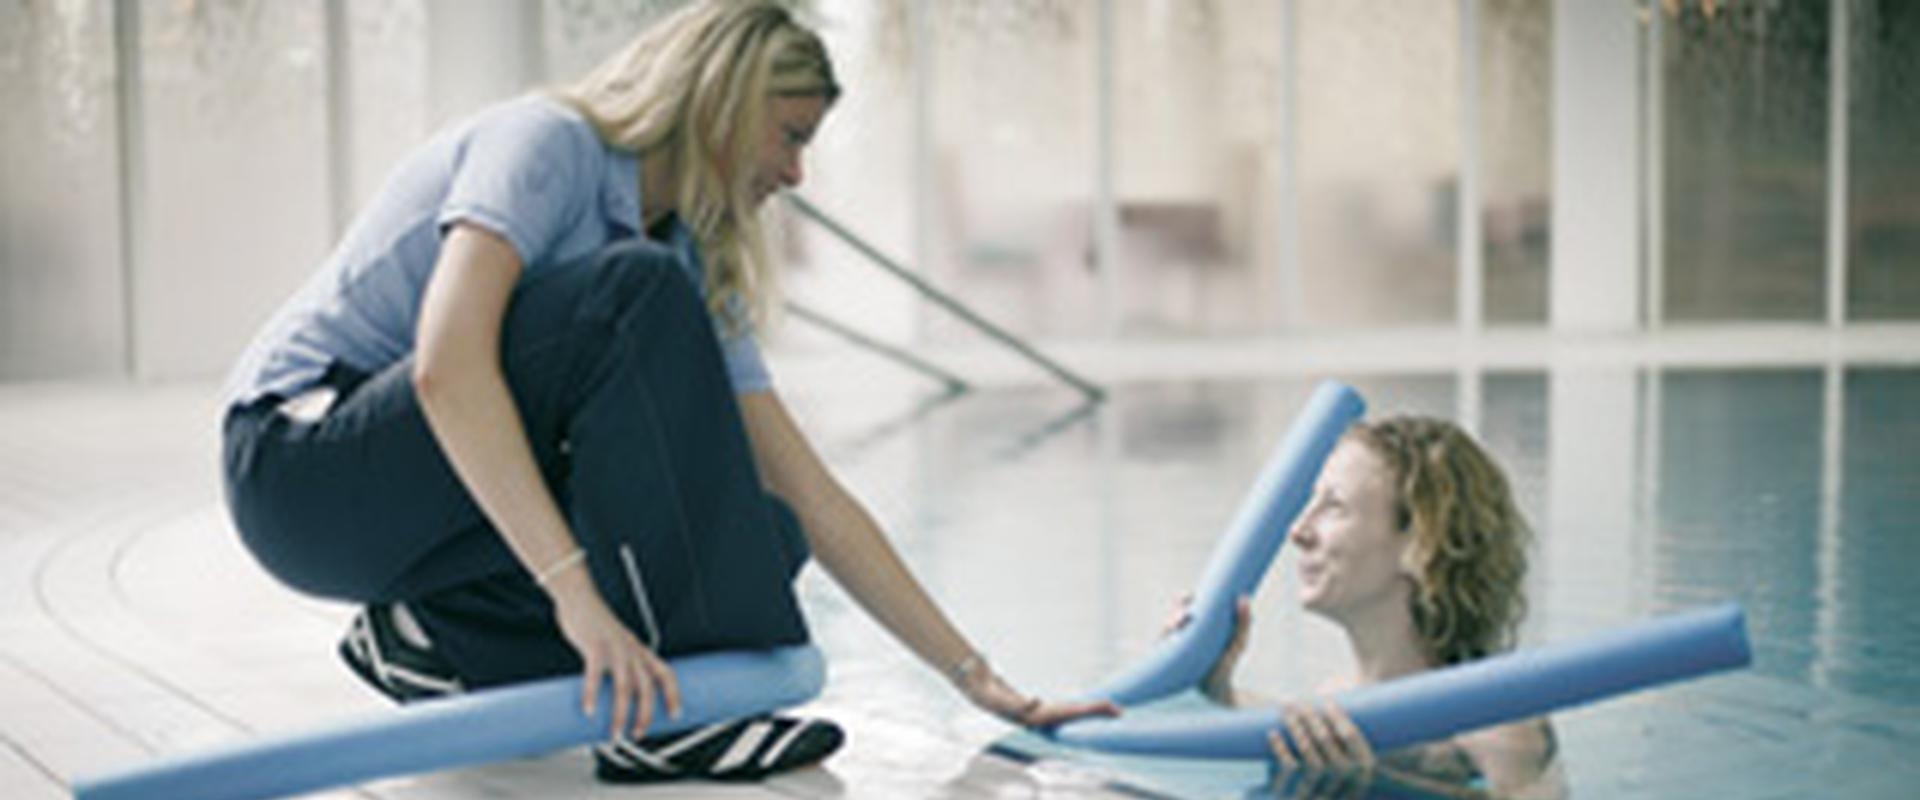 Patientin schwimmt im Schwimmbecken und unterhält sich mit einer Pflegerin in der MEDIAN Frankenpark Klinik Bad Kissingen